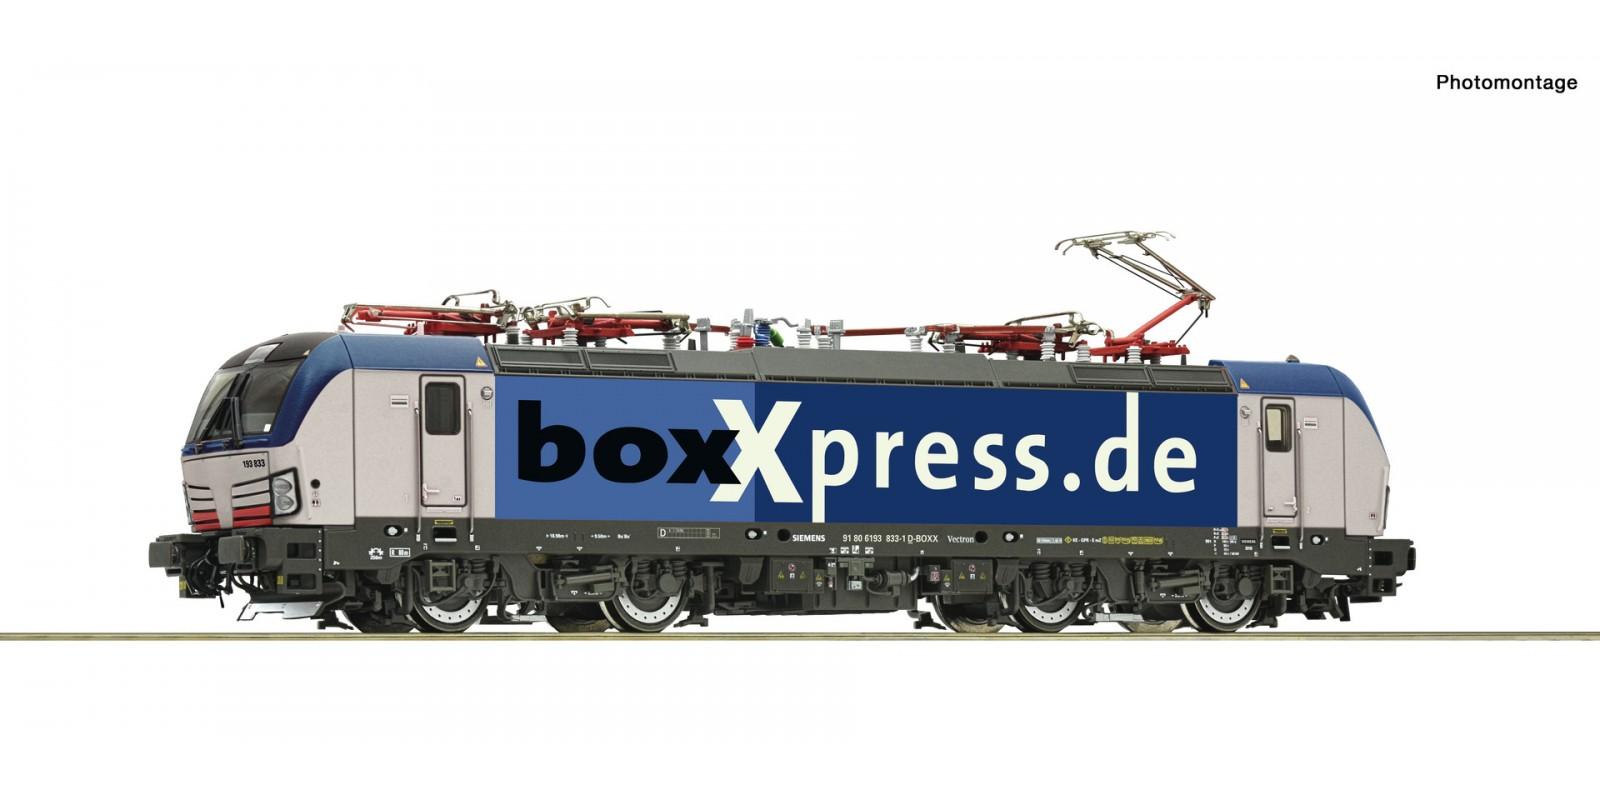 RO71951 Electric locomotive 193 833-1